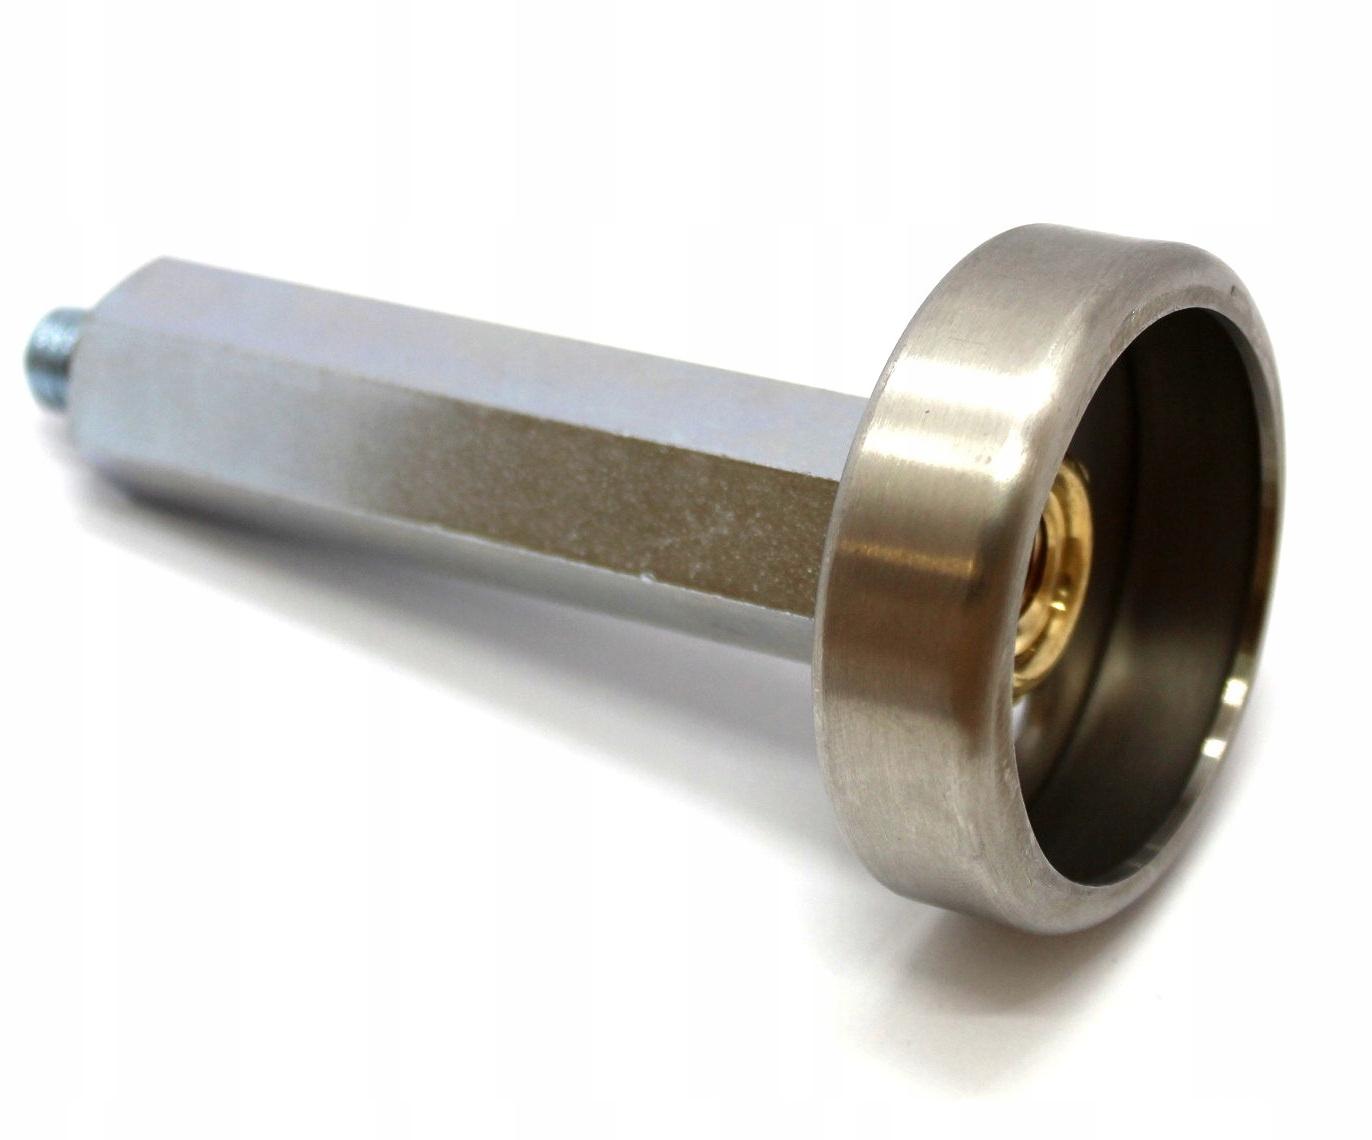 наконечник адаптер заправки горловина газа снг m10 д